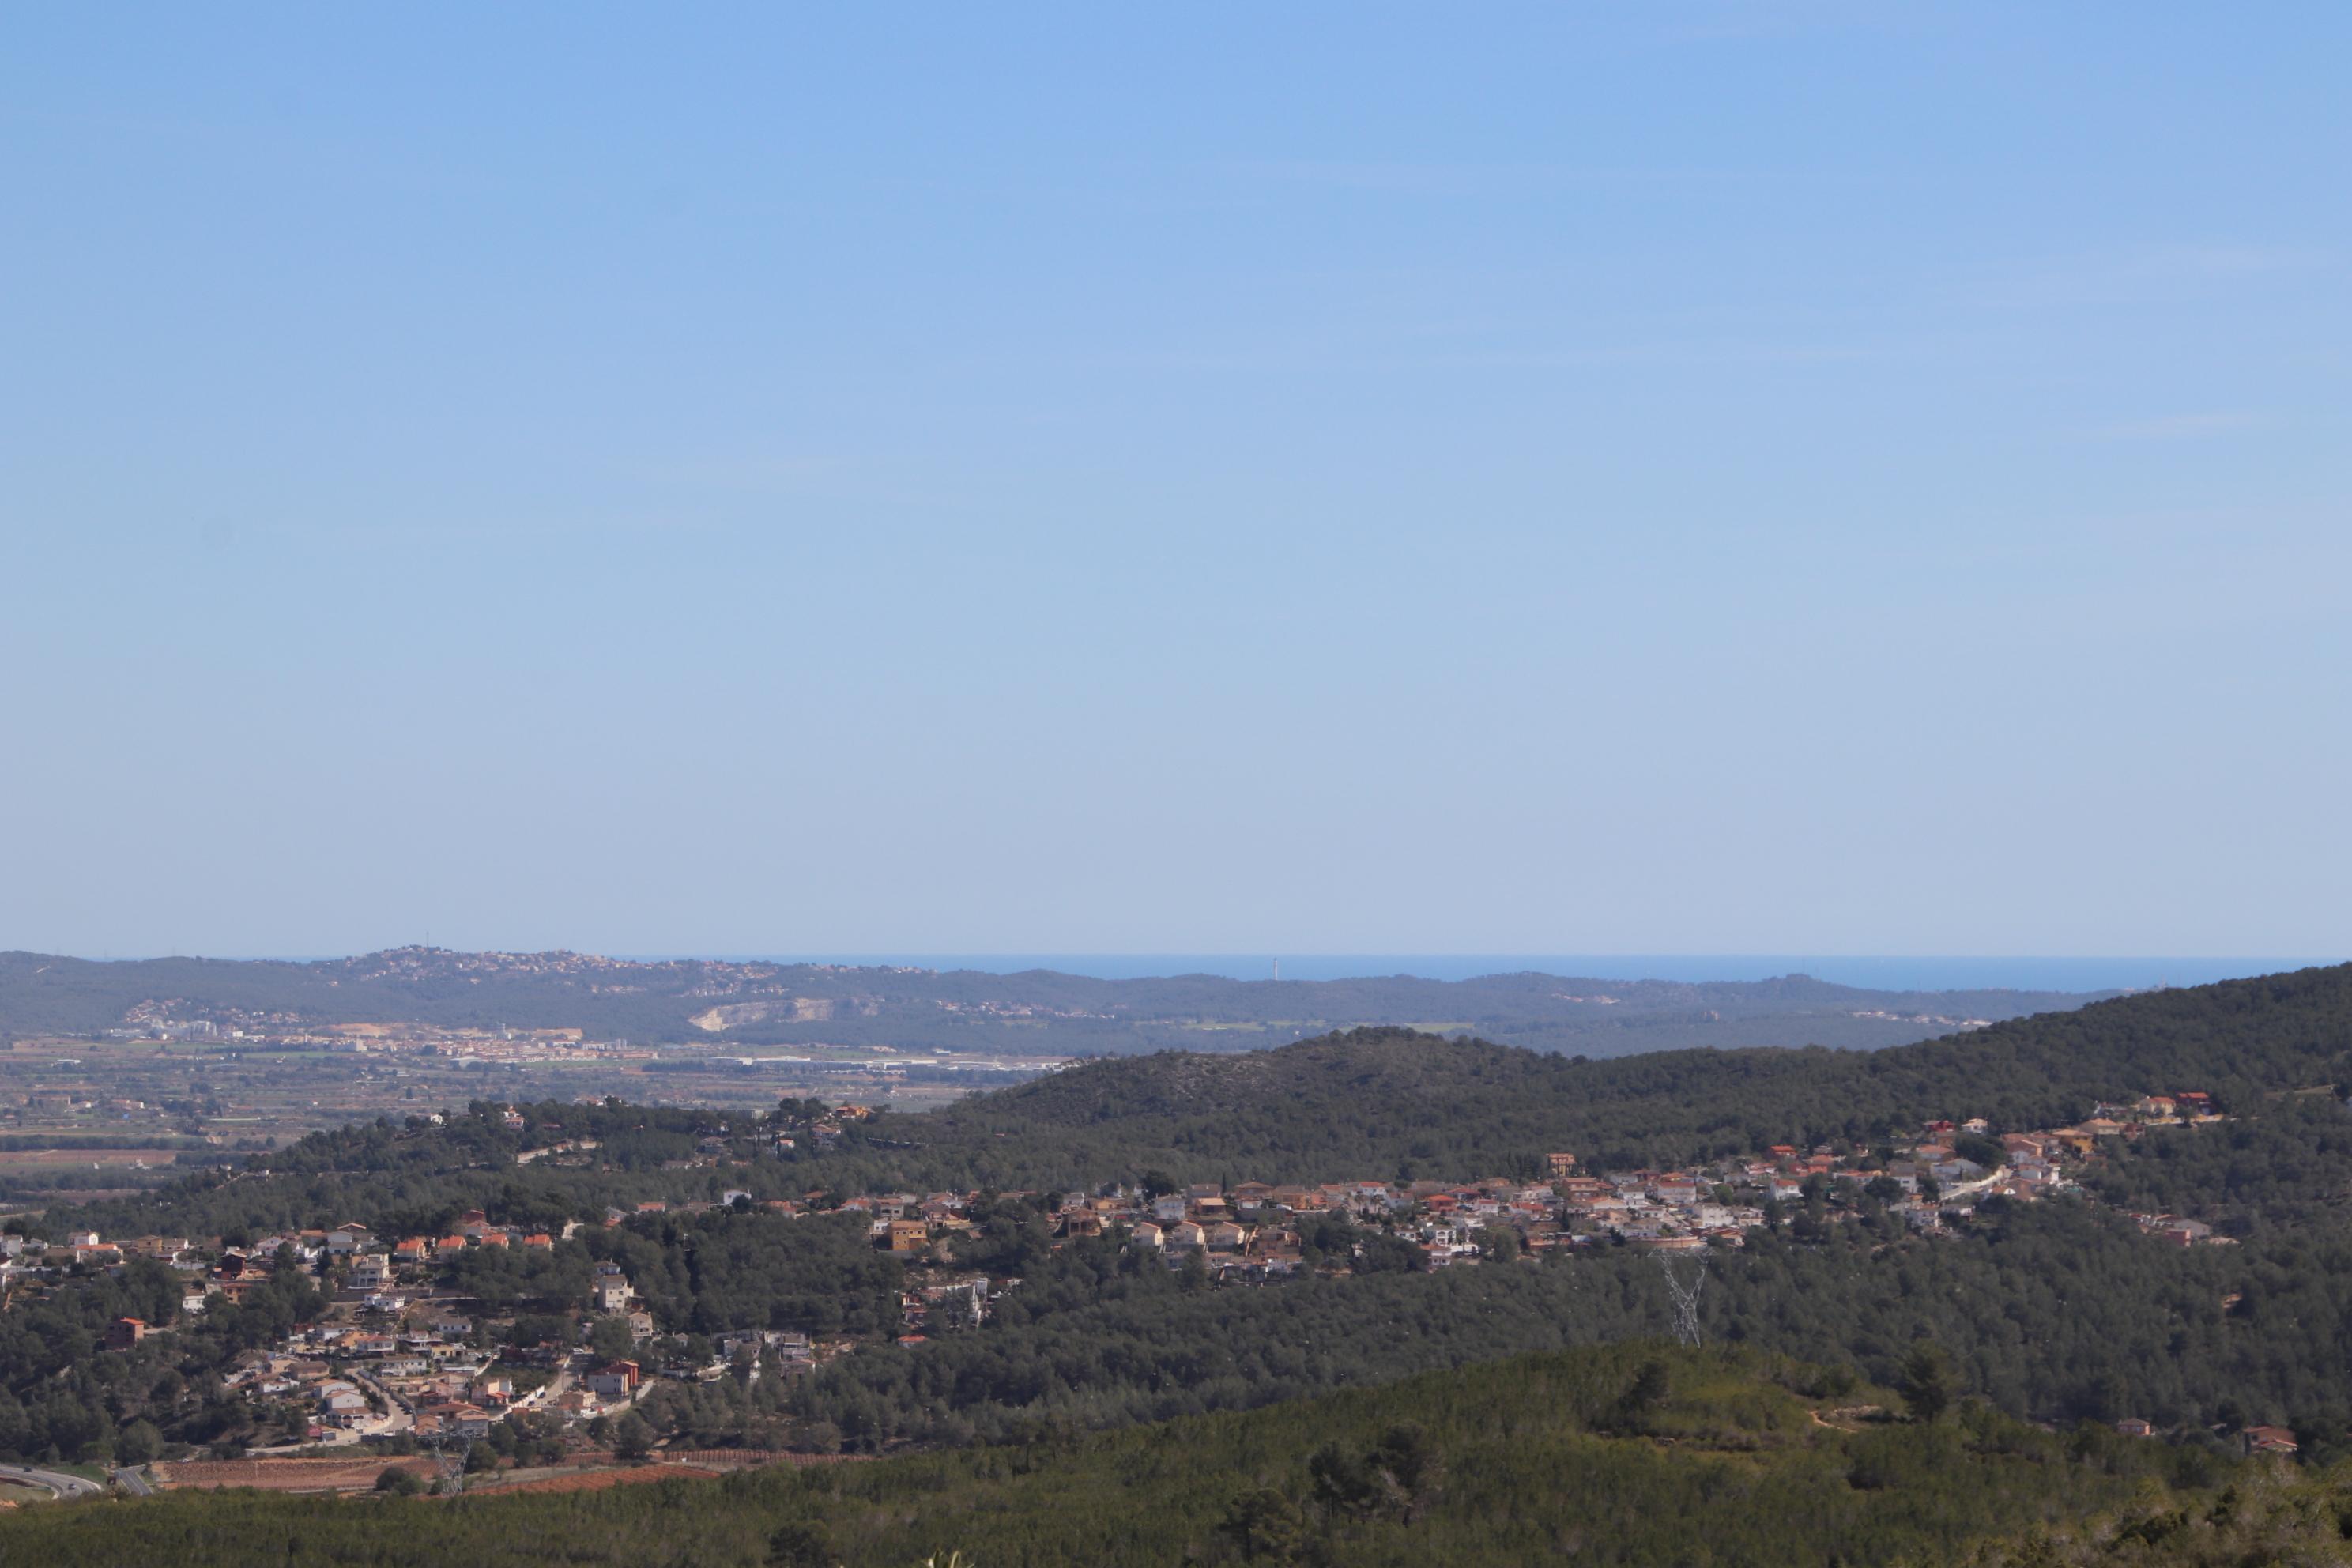 L'Ajuntament farà una nova franja forestal a l'Esplai i Can Gordei